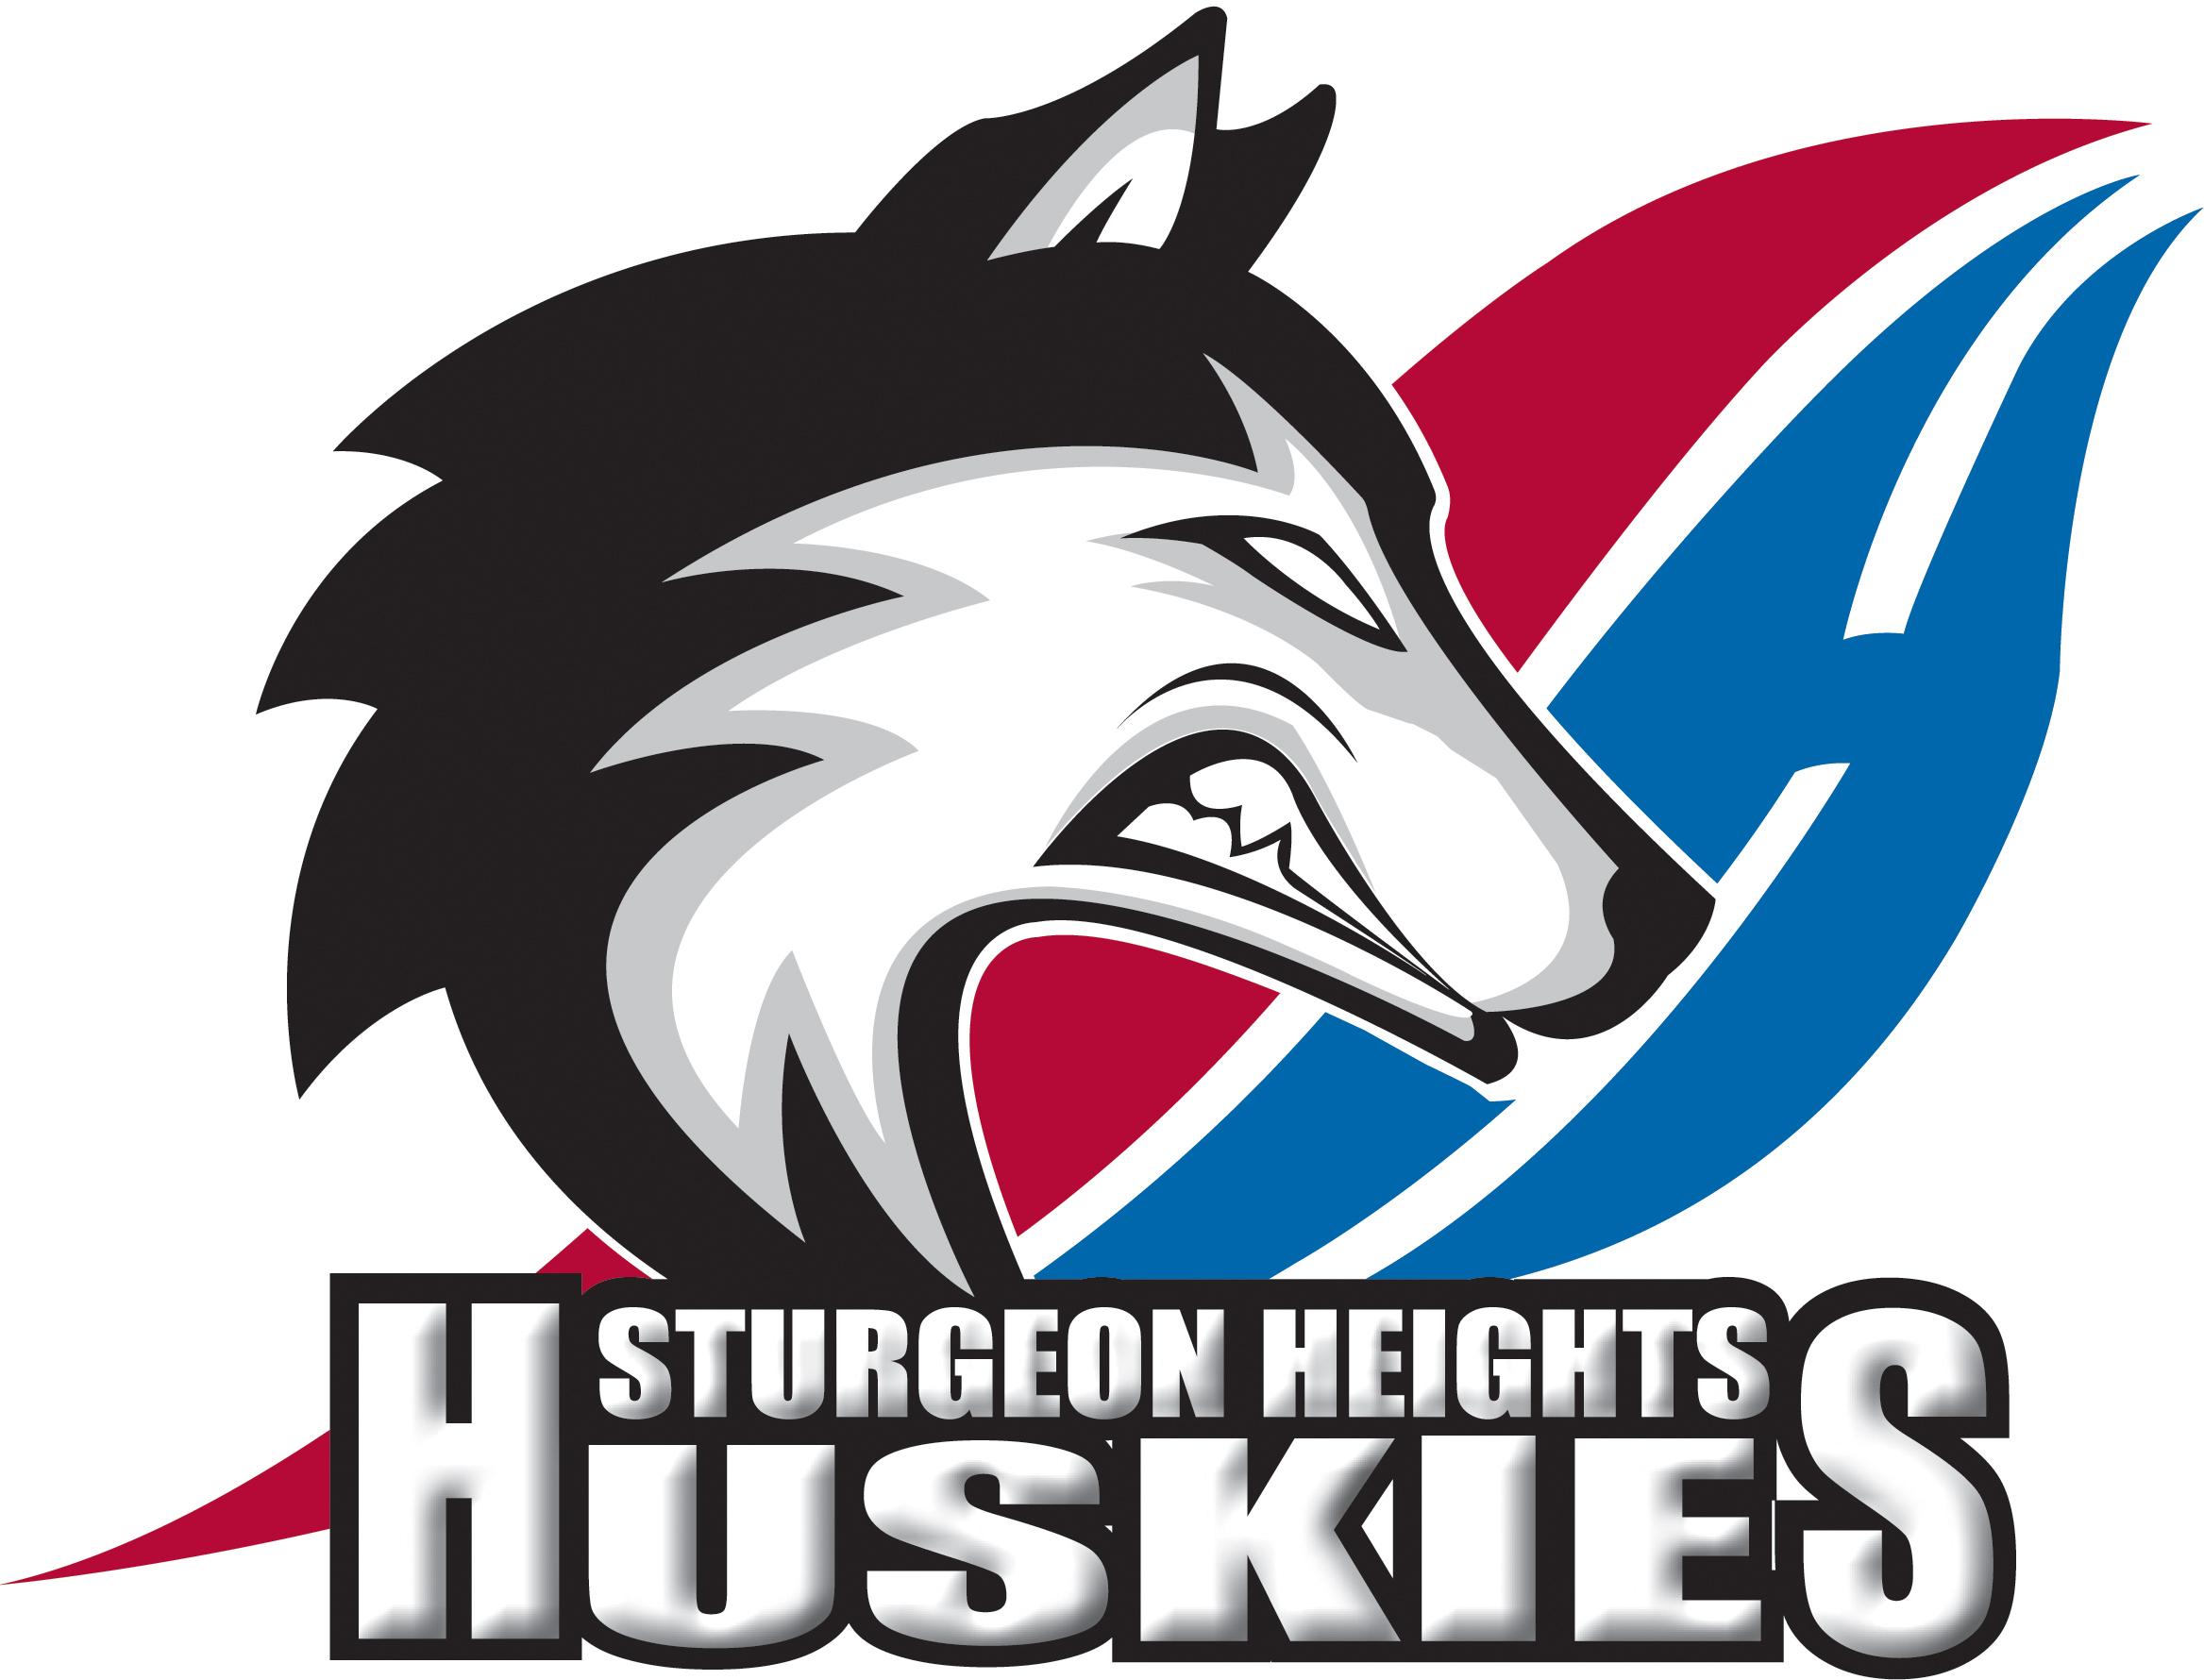 Sturgeon Heights